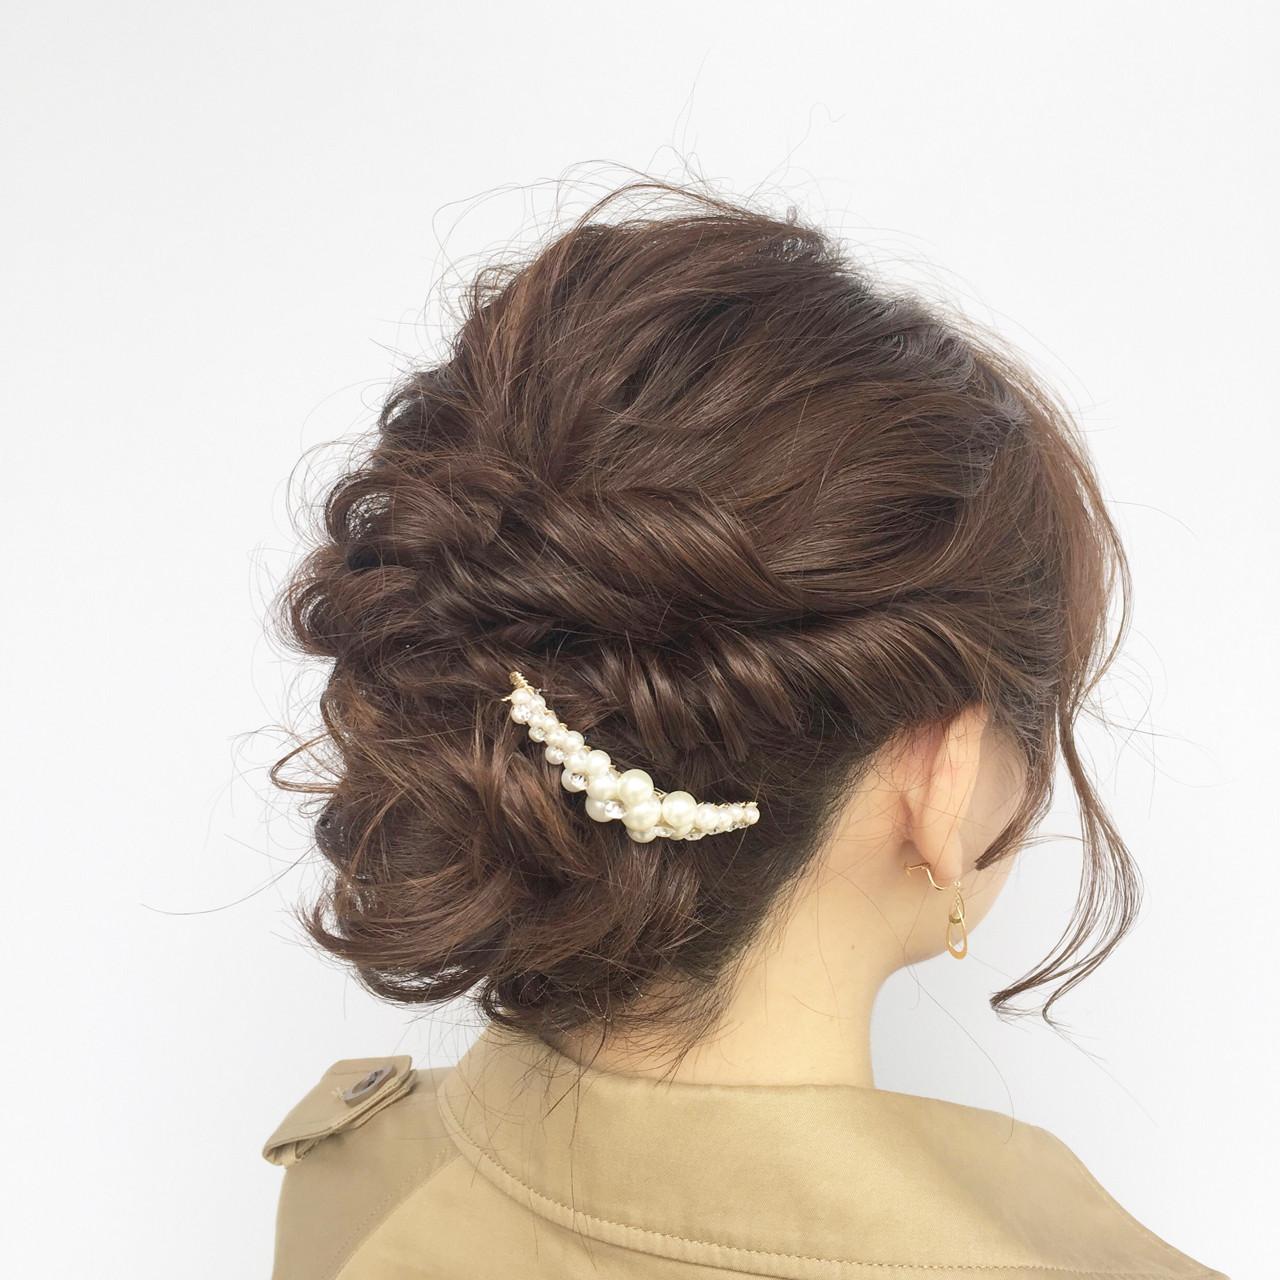 ヘアアレンジ ガーリー ボブ 結婚式 ヘアスタイルや髪型の写真・画像